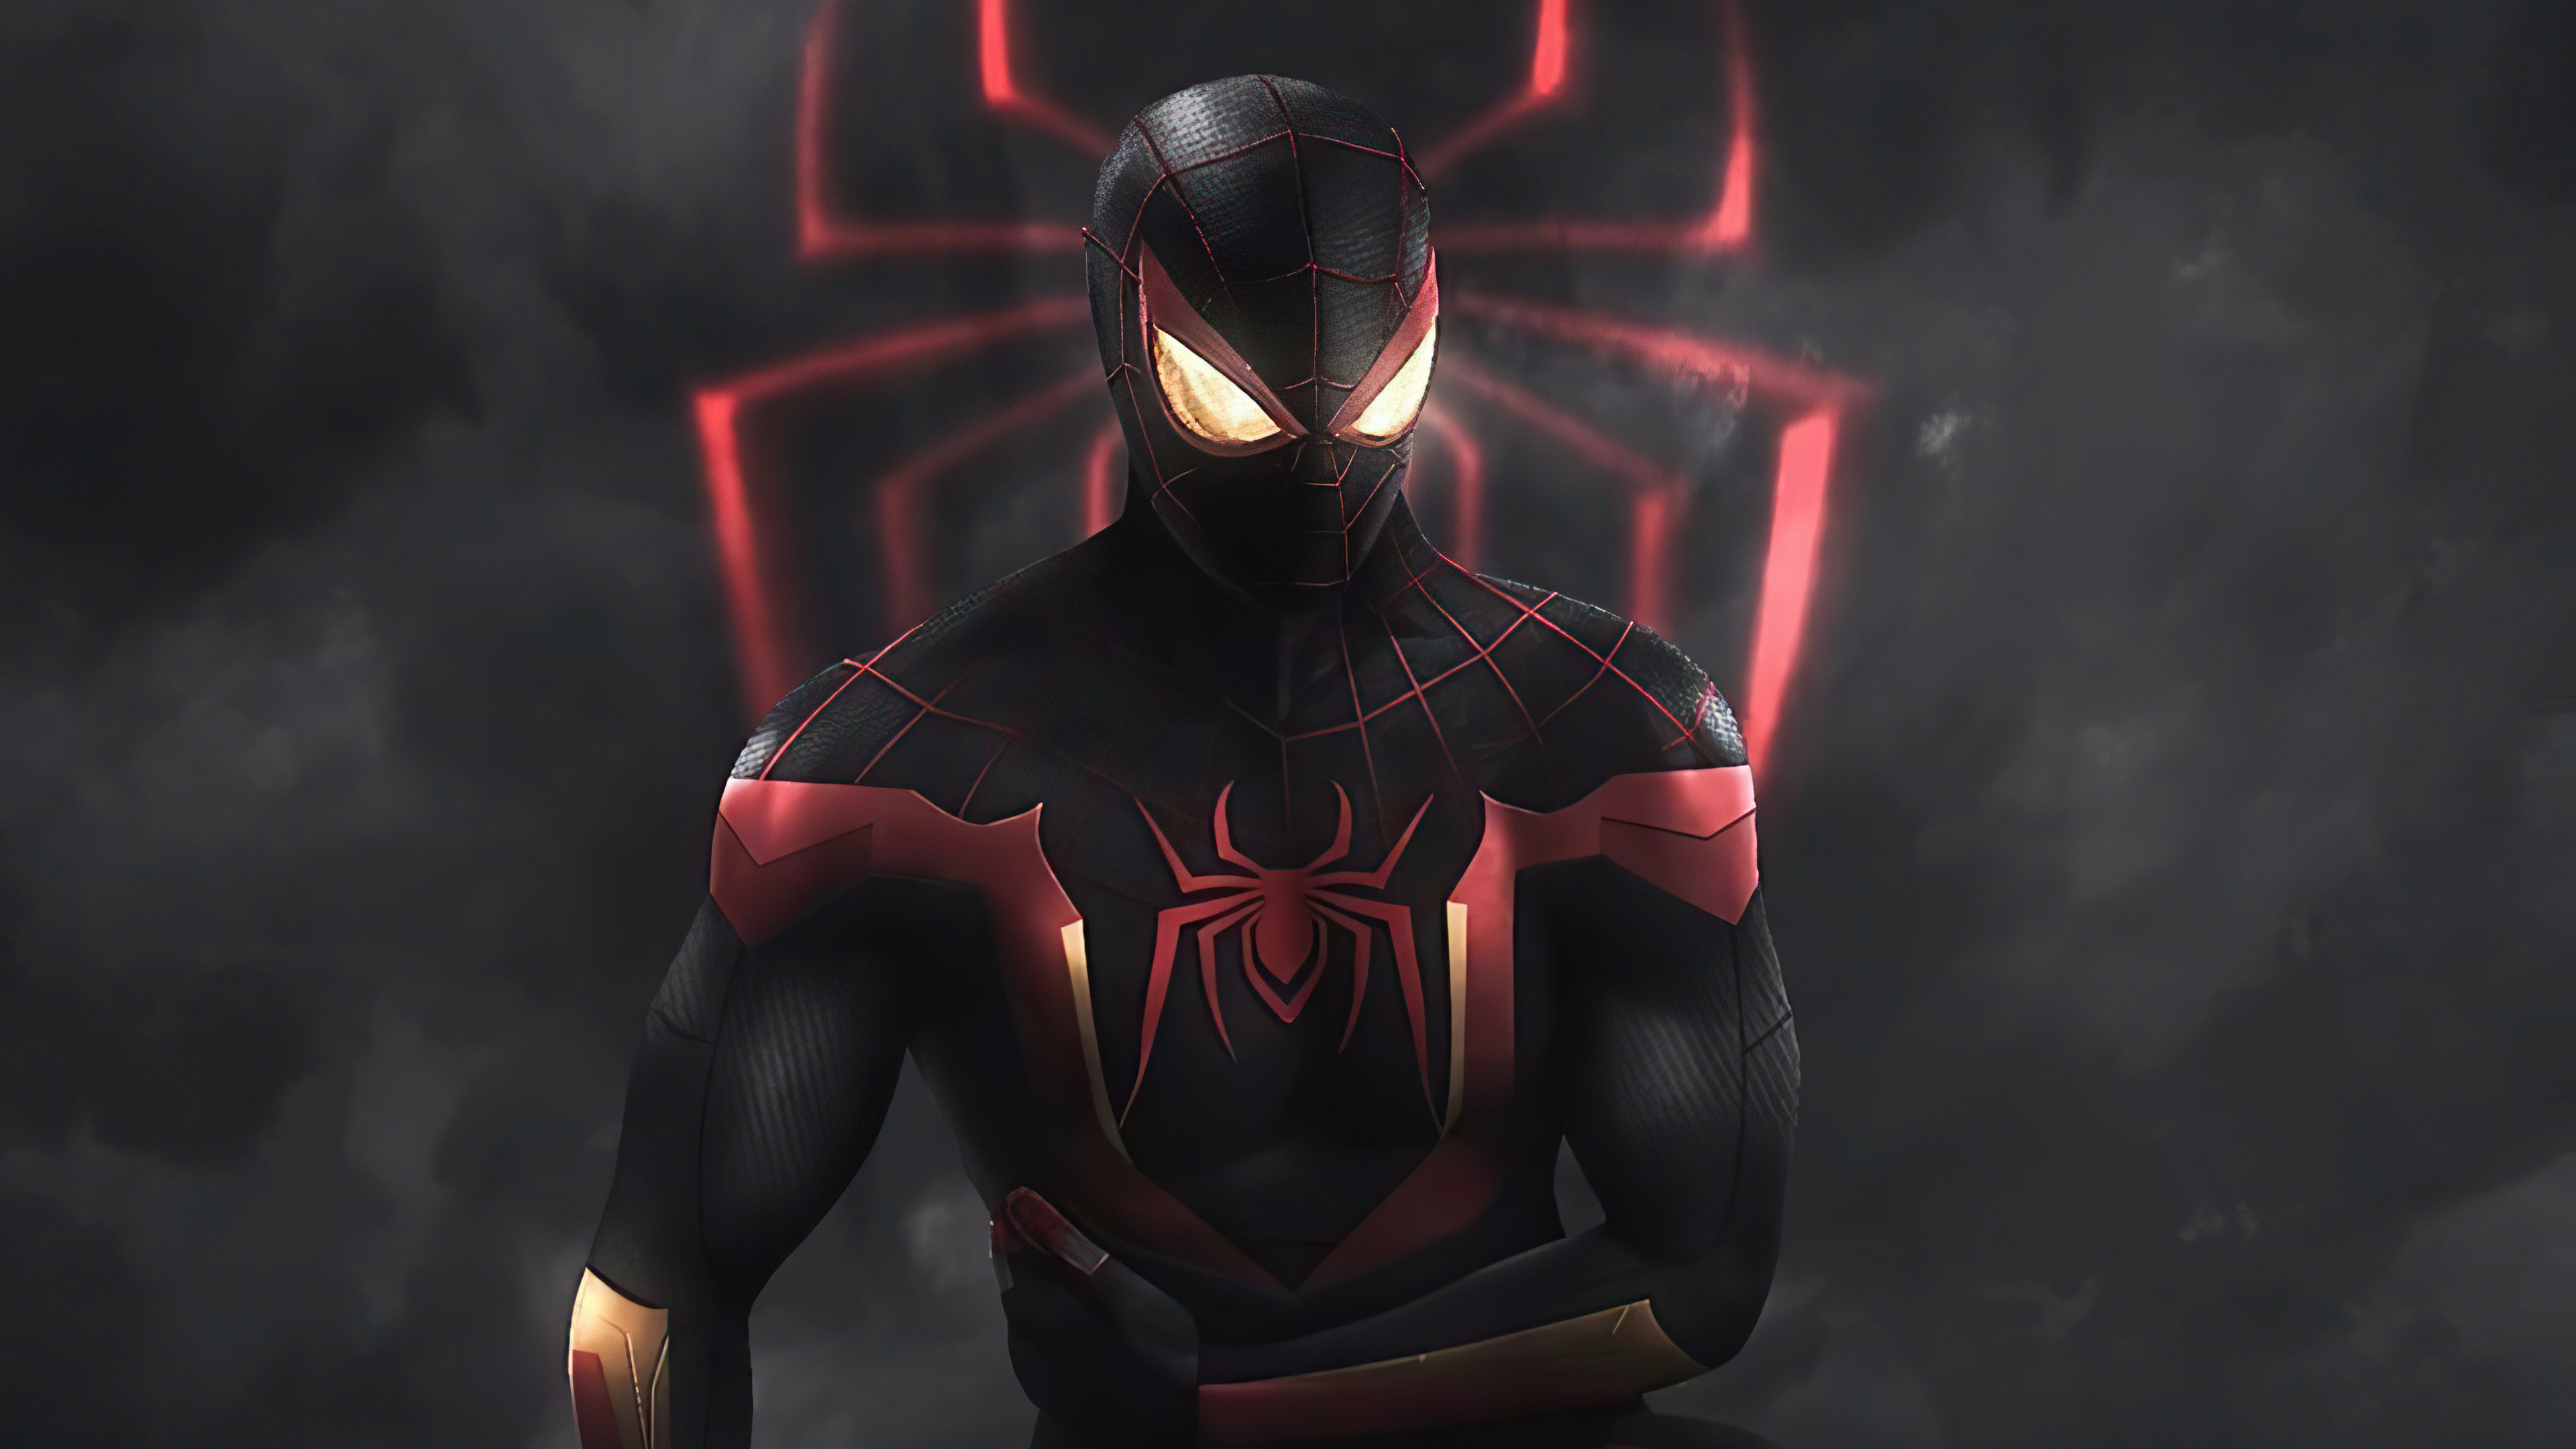 Fondos de pantalla El hombre araña con traje rojo y negro